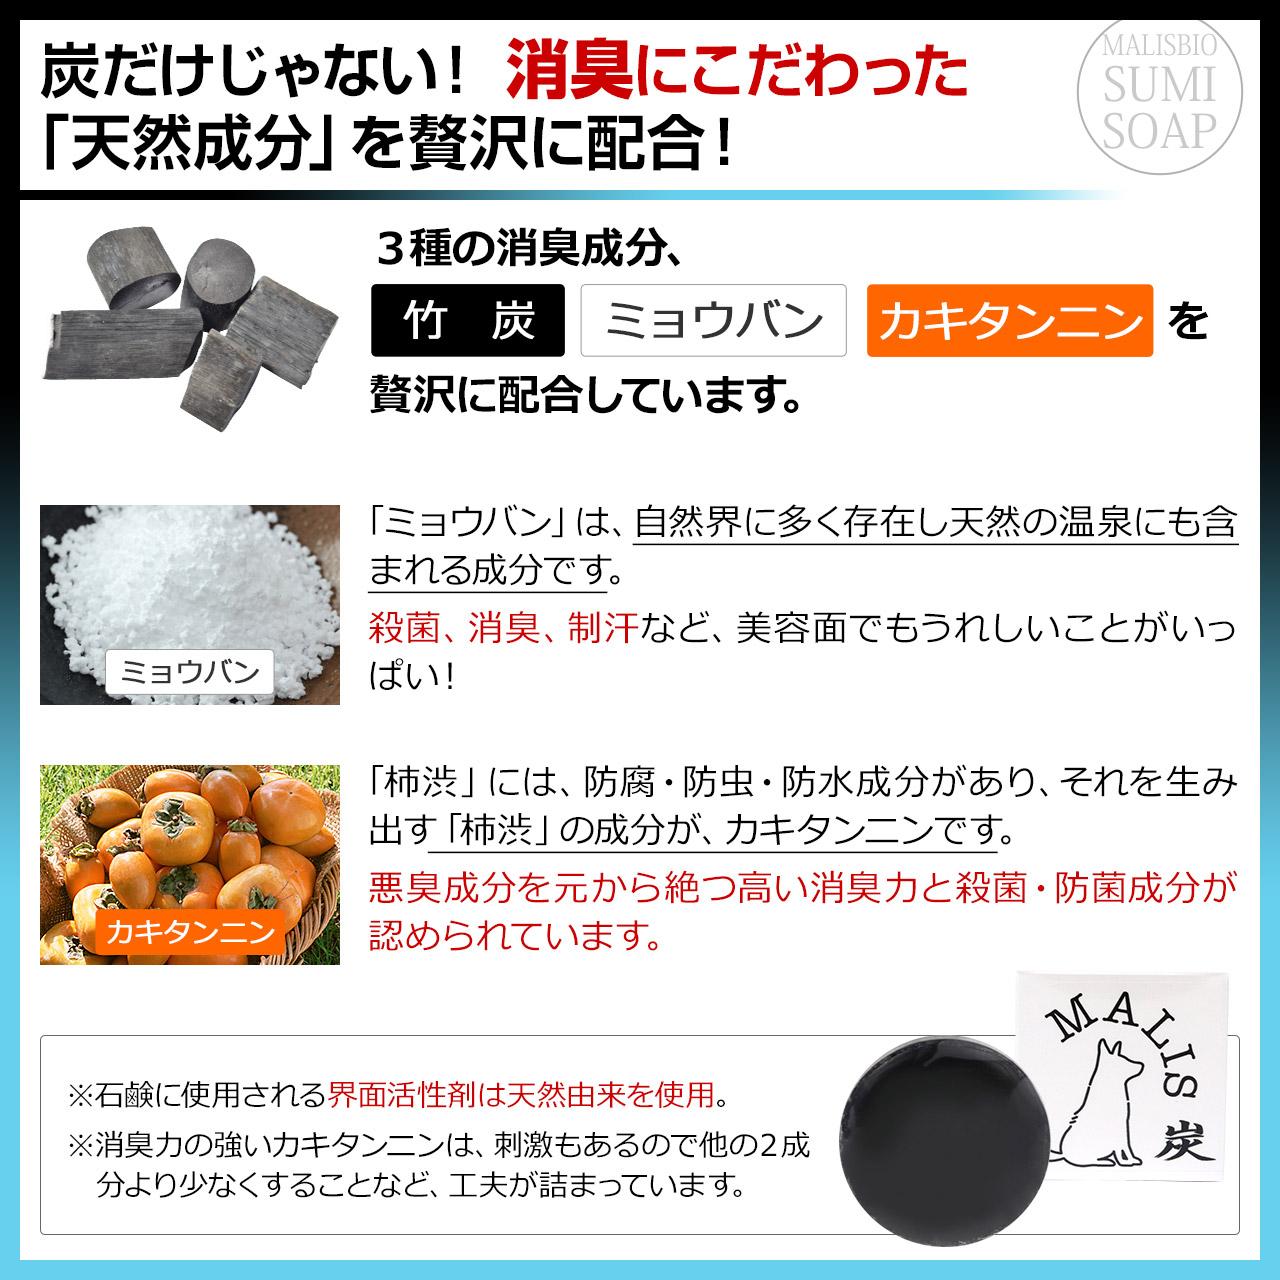 【送料無料】炭石鹸 無添加 消臭対策 炭ソープ 100g